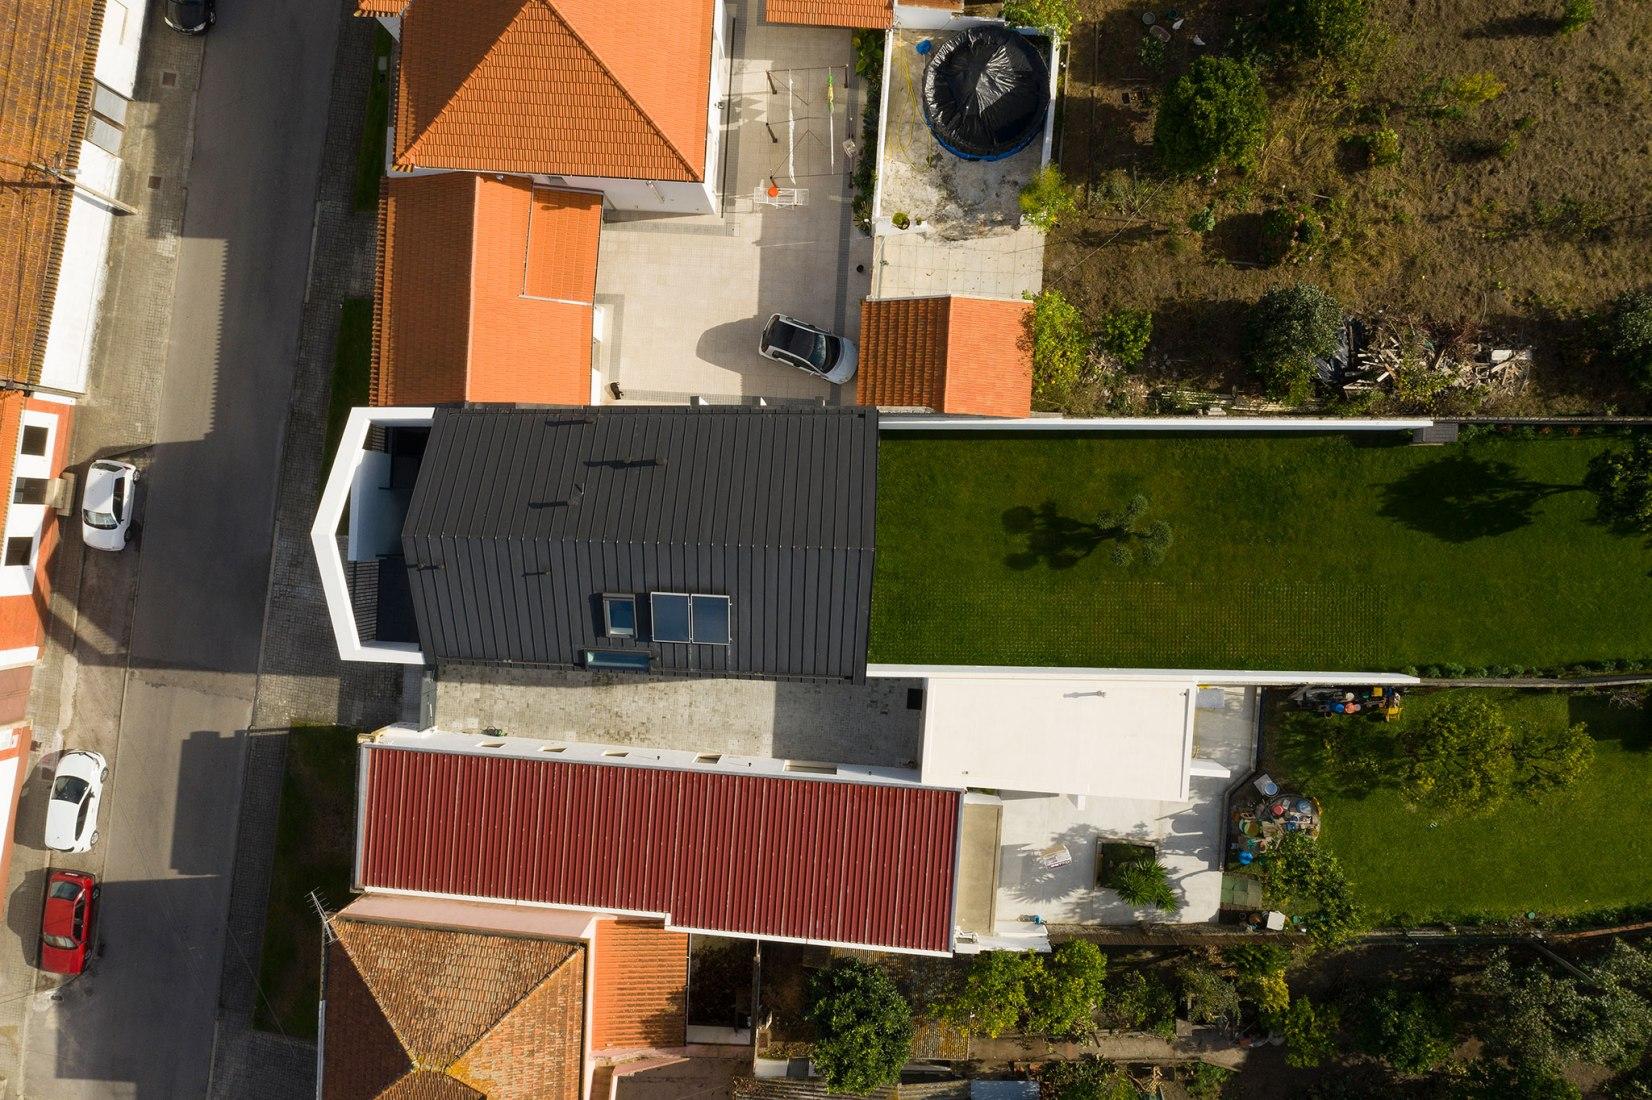 Casa do Arco por FRARI - architecture network. Fotografía por ITS.